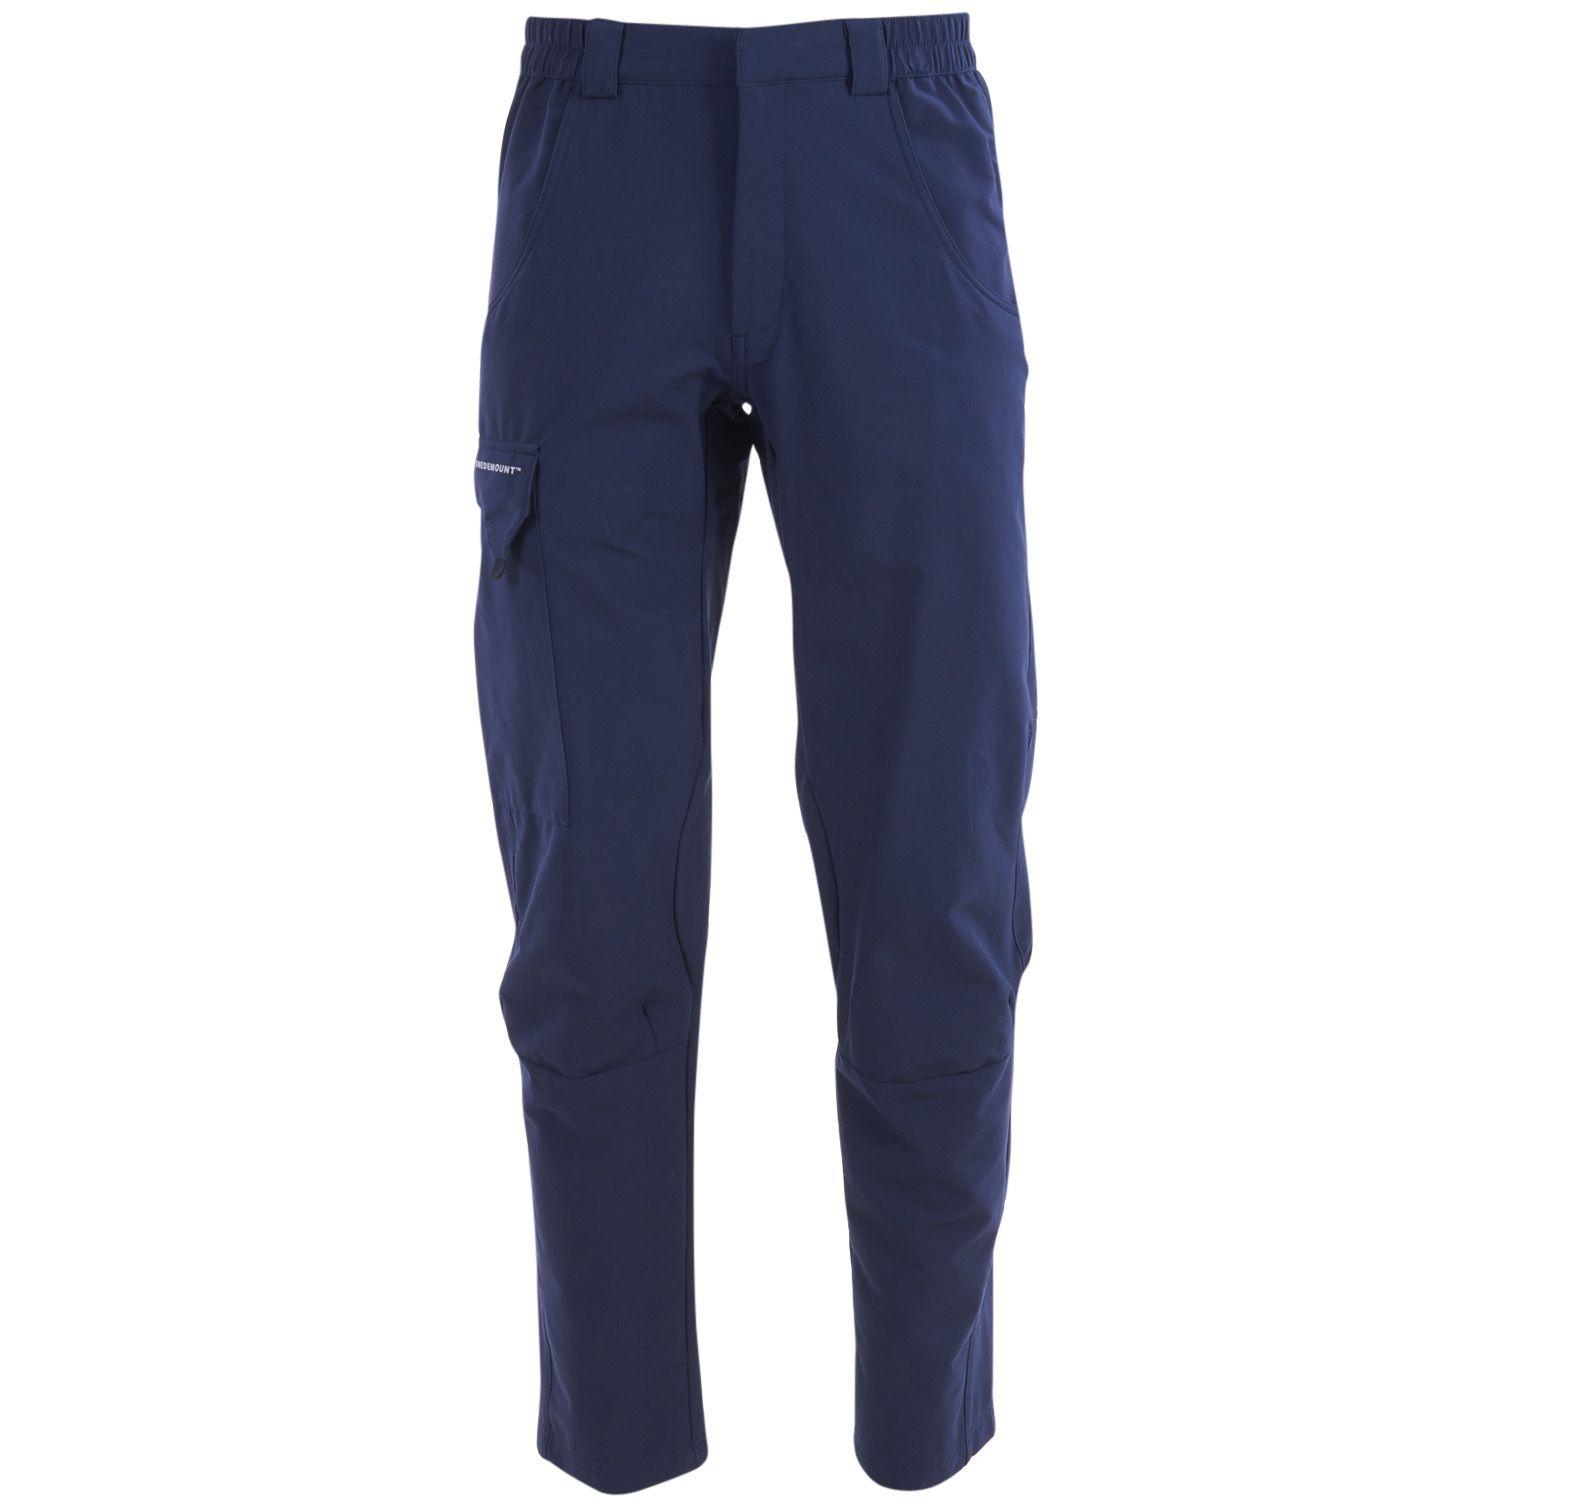 Baffin Pants, DK NAVY, L